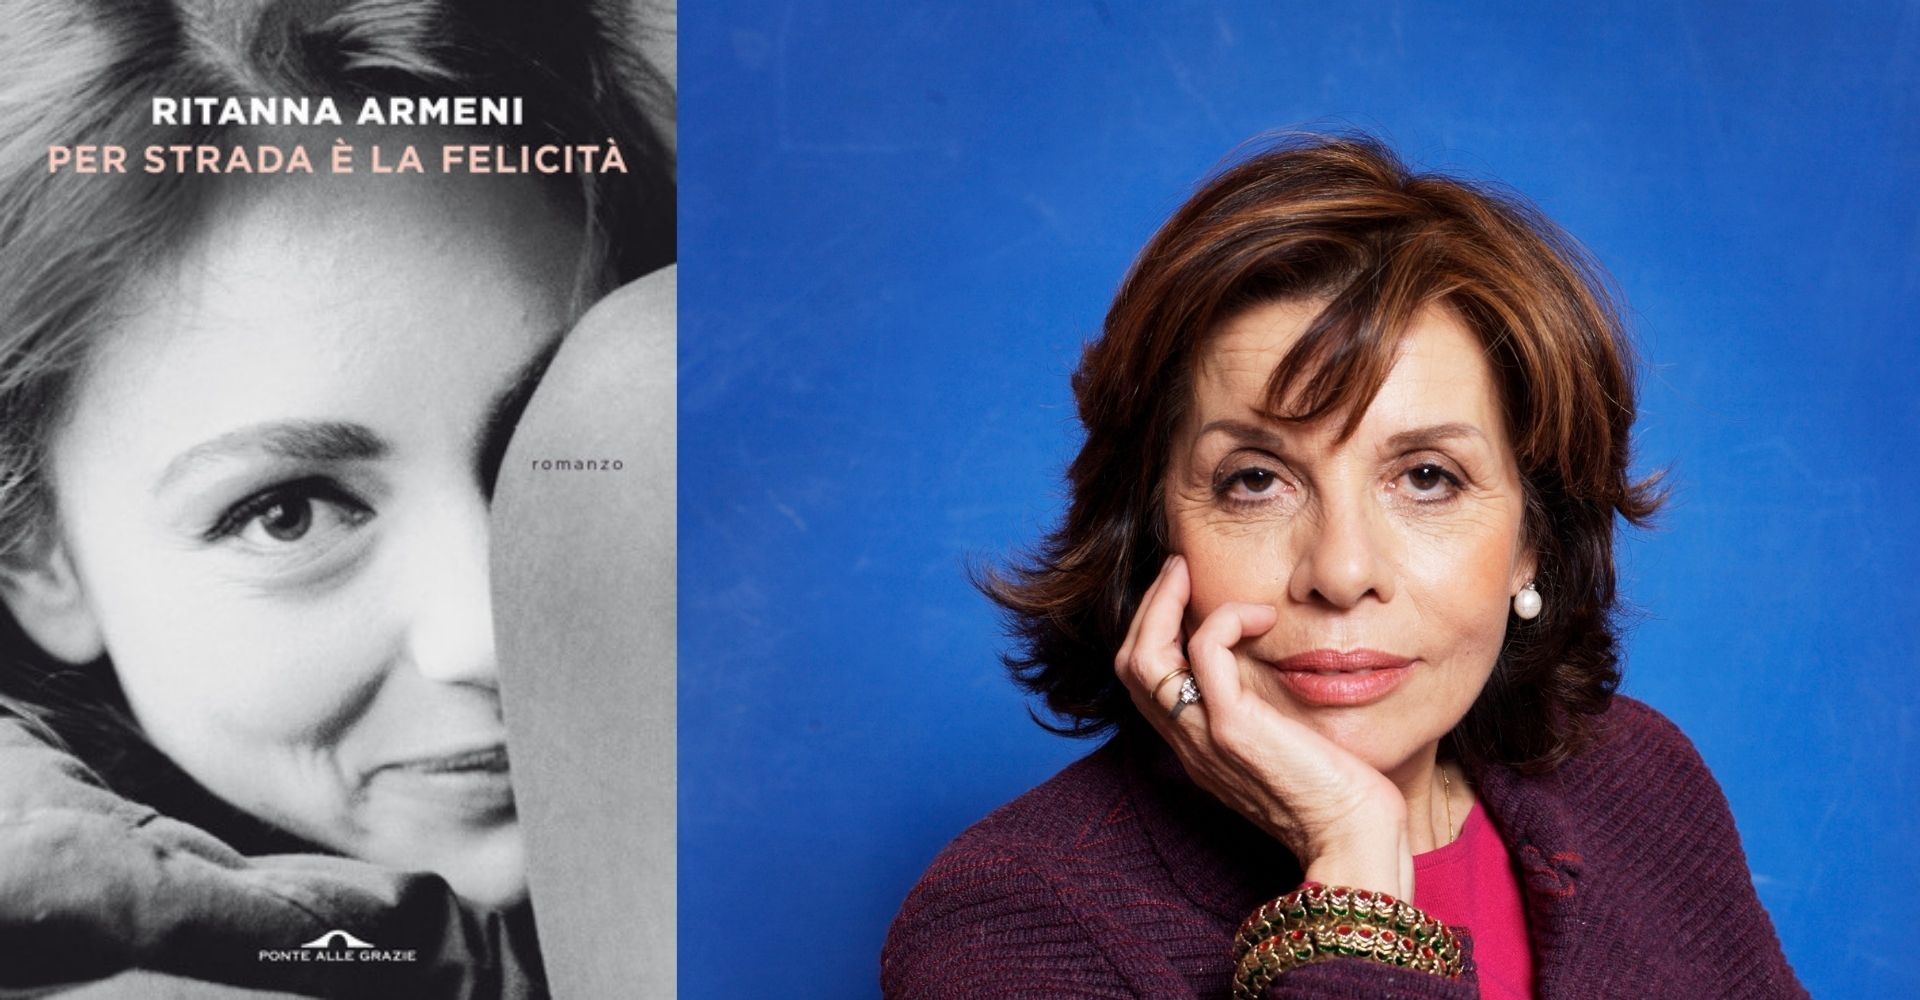 Ritanna Armeni: cos'hanno in comune il femminismo degli anni '70 e l'attivismo sui social?